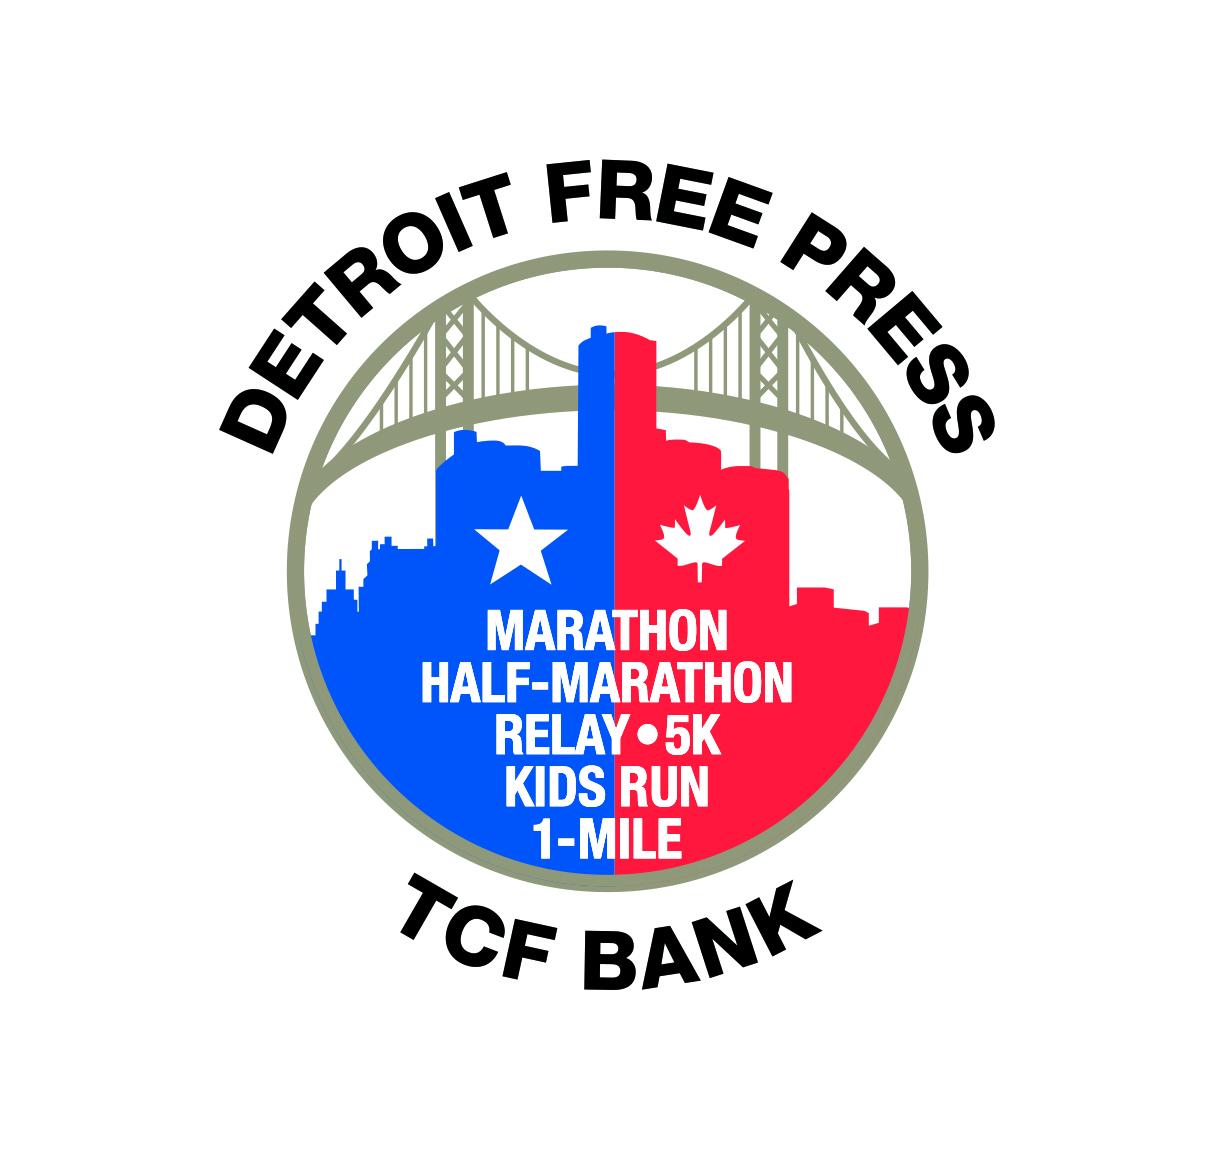 Detroit Free Press TCF Bank Marathon